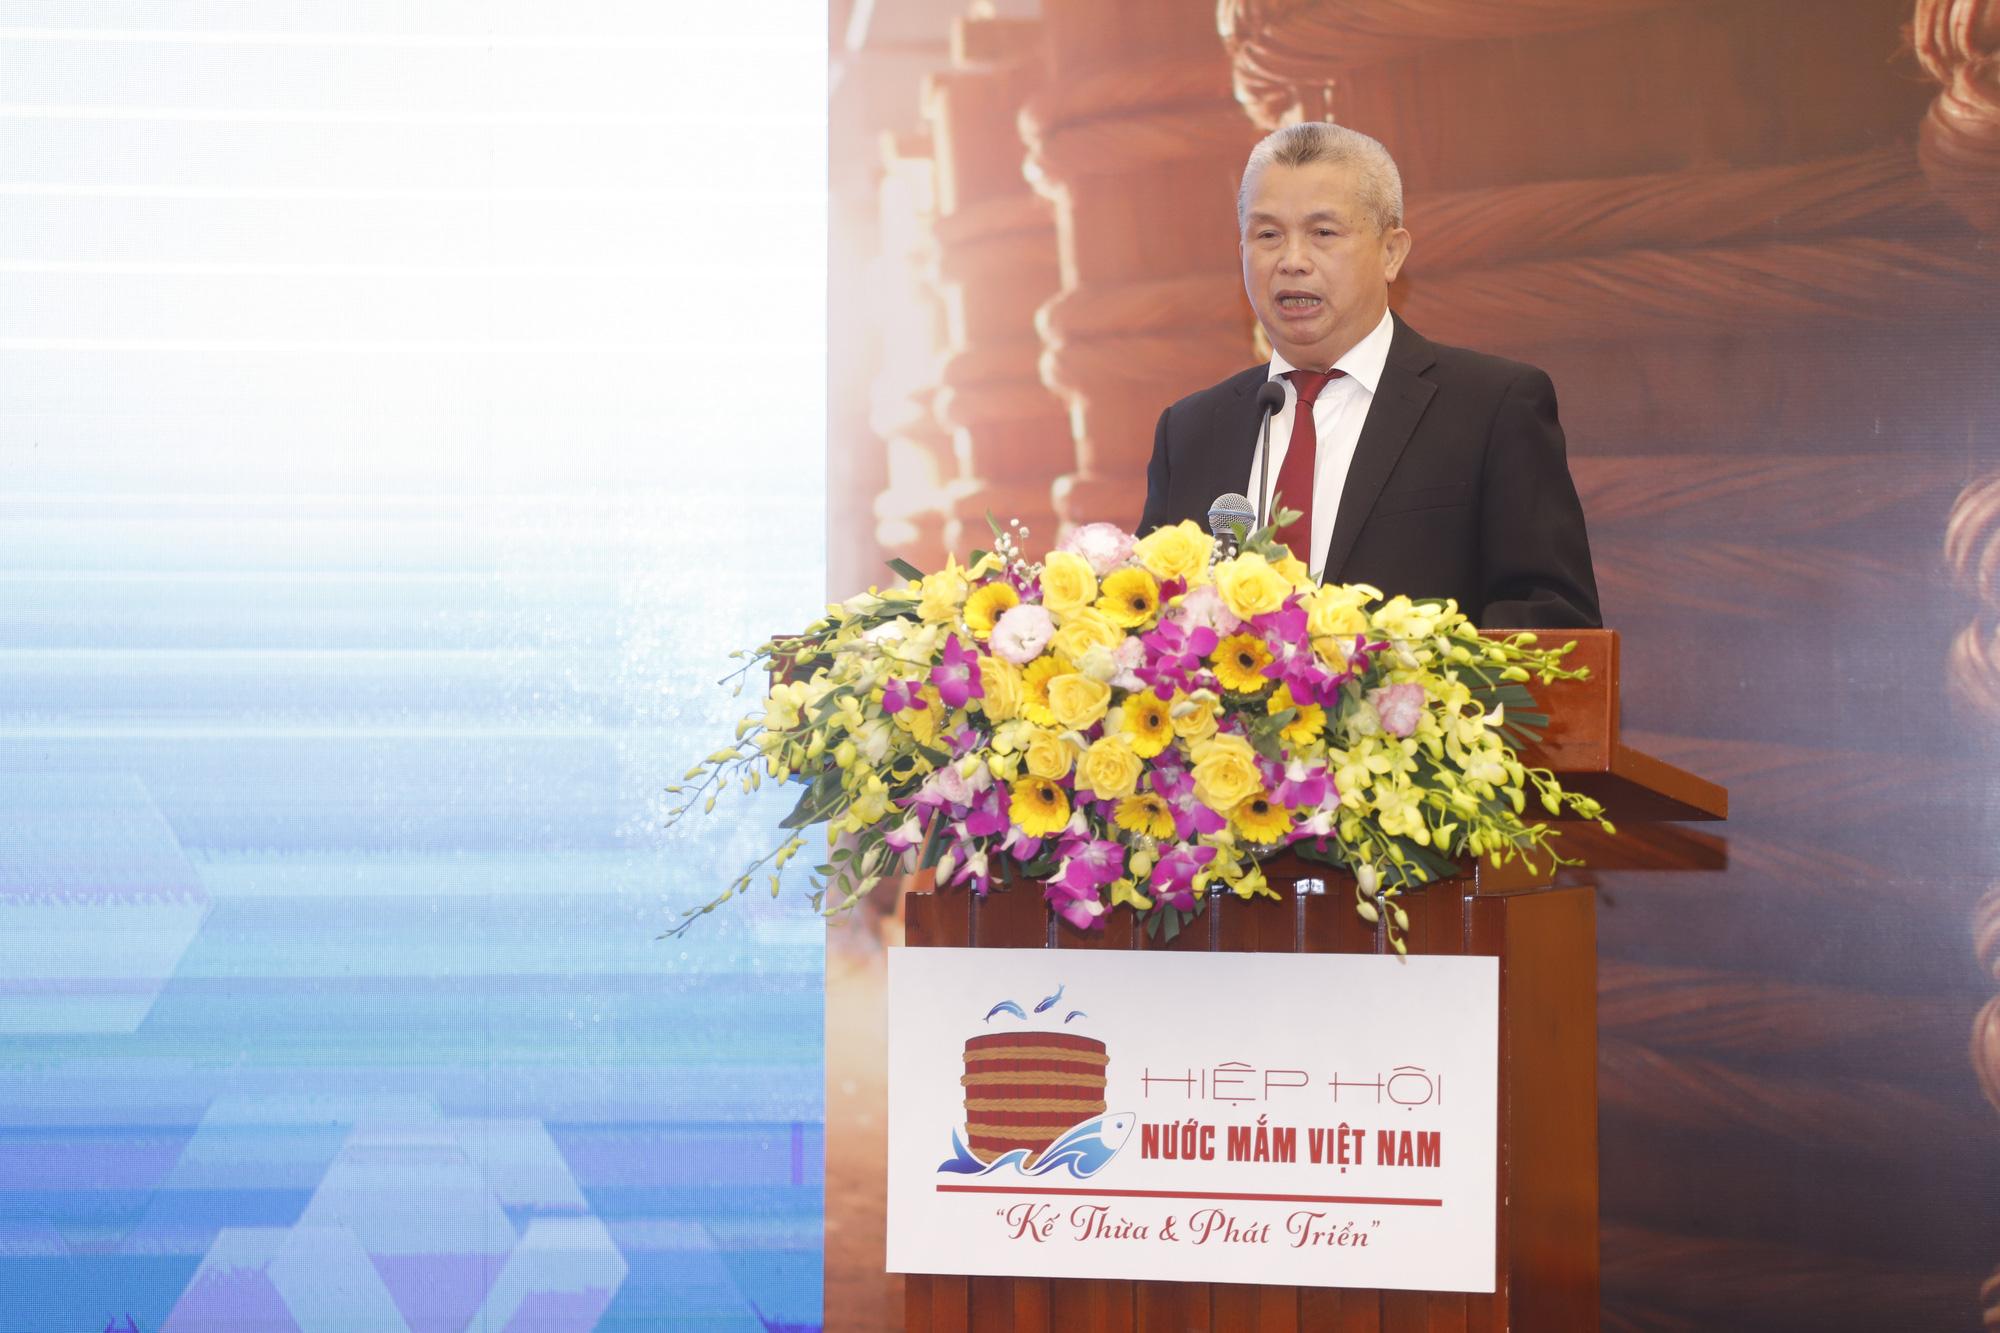 Hôm nay ra mắt Hiệp hội Nước mắm Việt Nam: Phát triển ngành hàng trị giá 6.000 tỷ đồng - Ảnh 4.